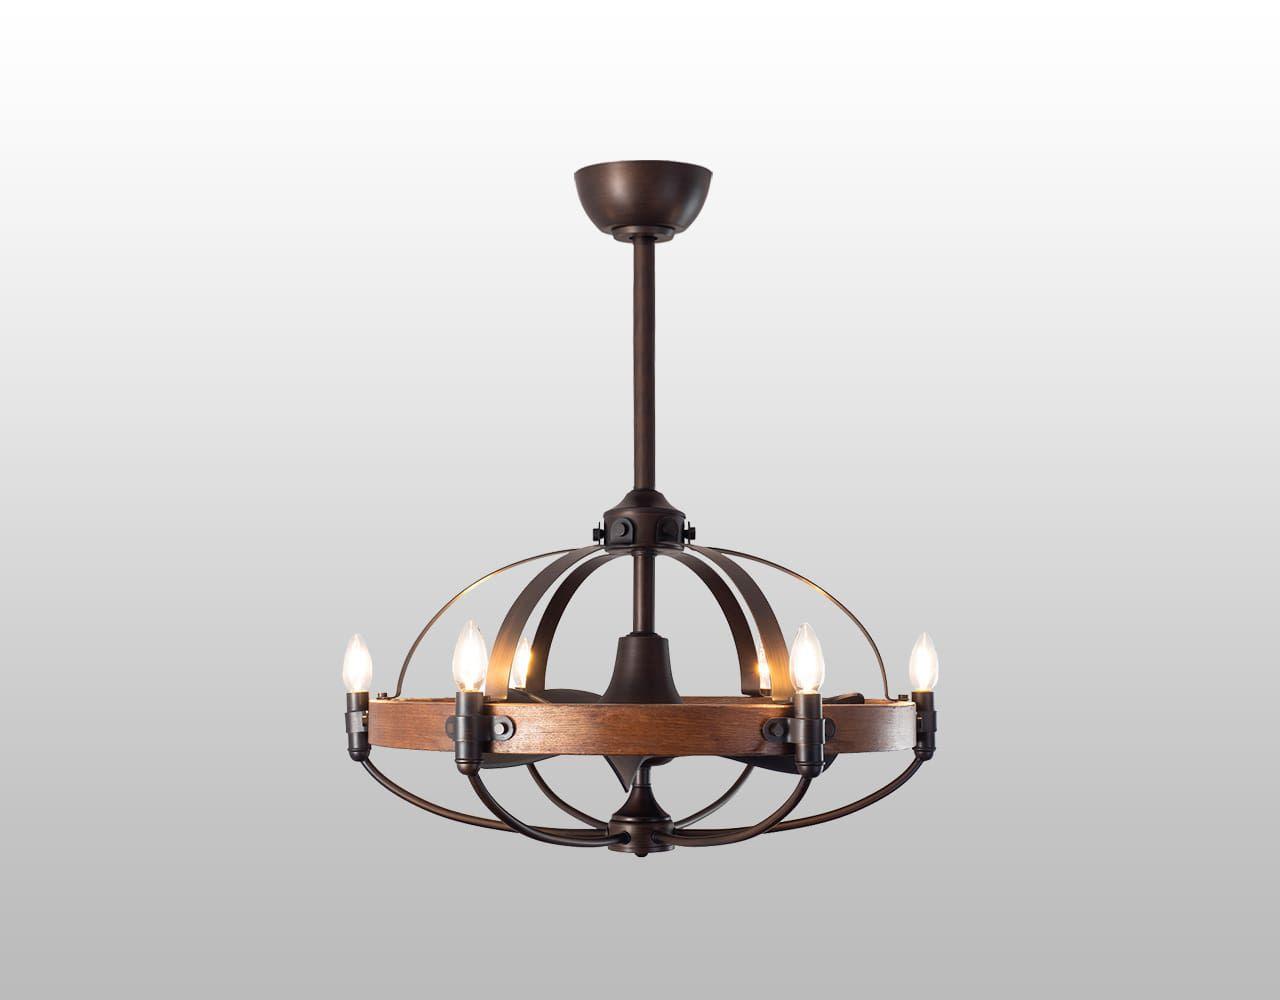 AS-5190-6 + AS-5190-6-30cm,ファンデリア  大風量 LED 電球色 6灯 小型 ORRB(オーブ)製シーリングファンライト